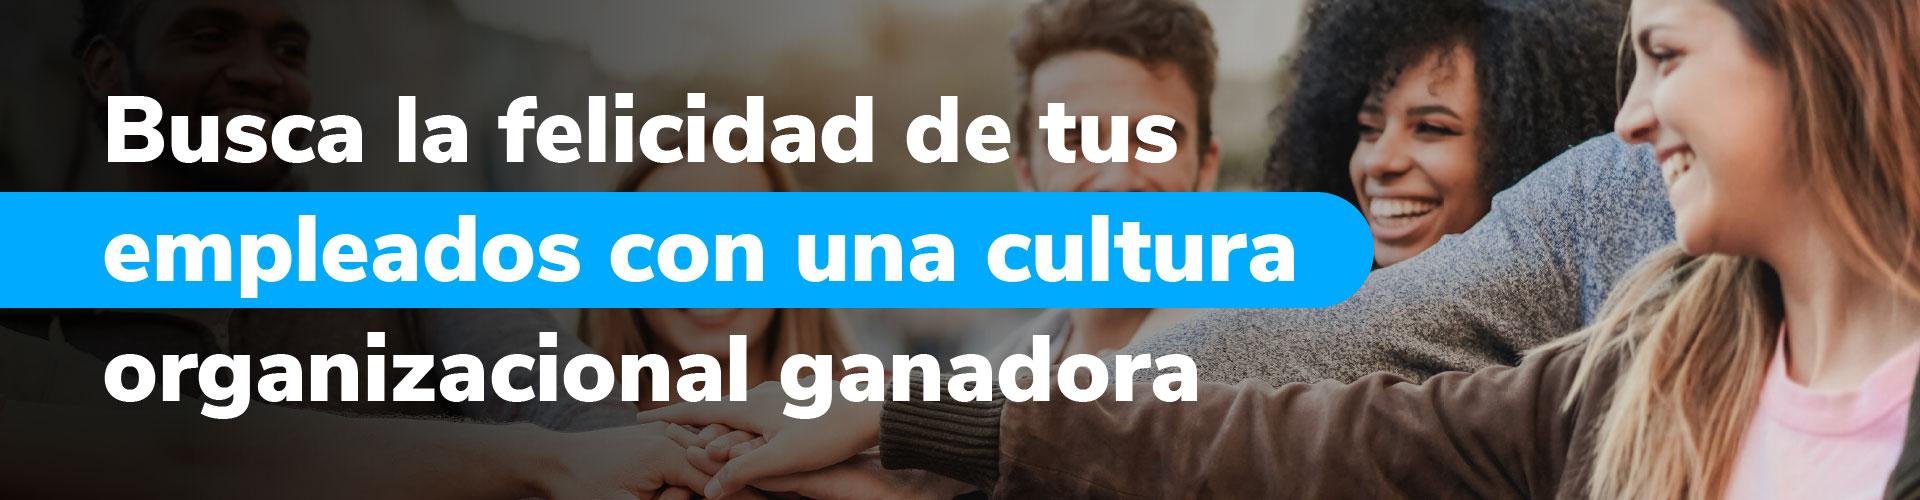 Una buena cultura organizacional garantiza trabajadores felices